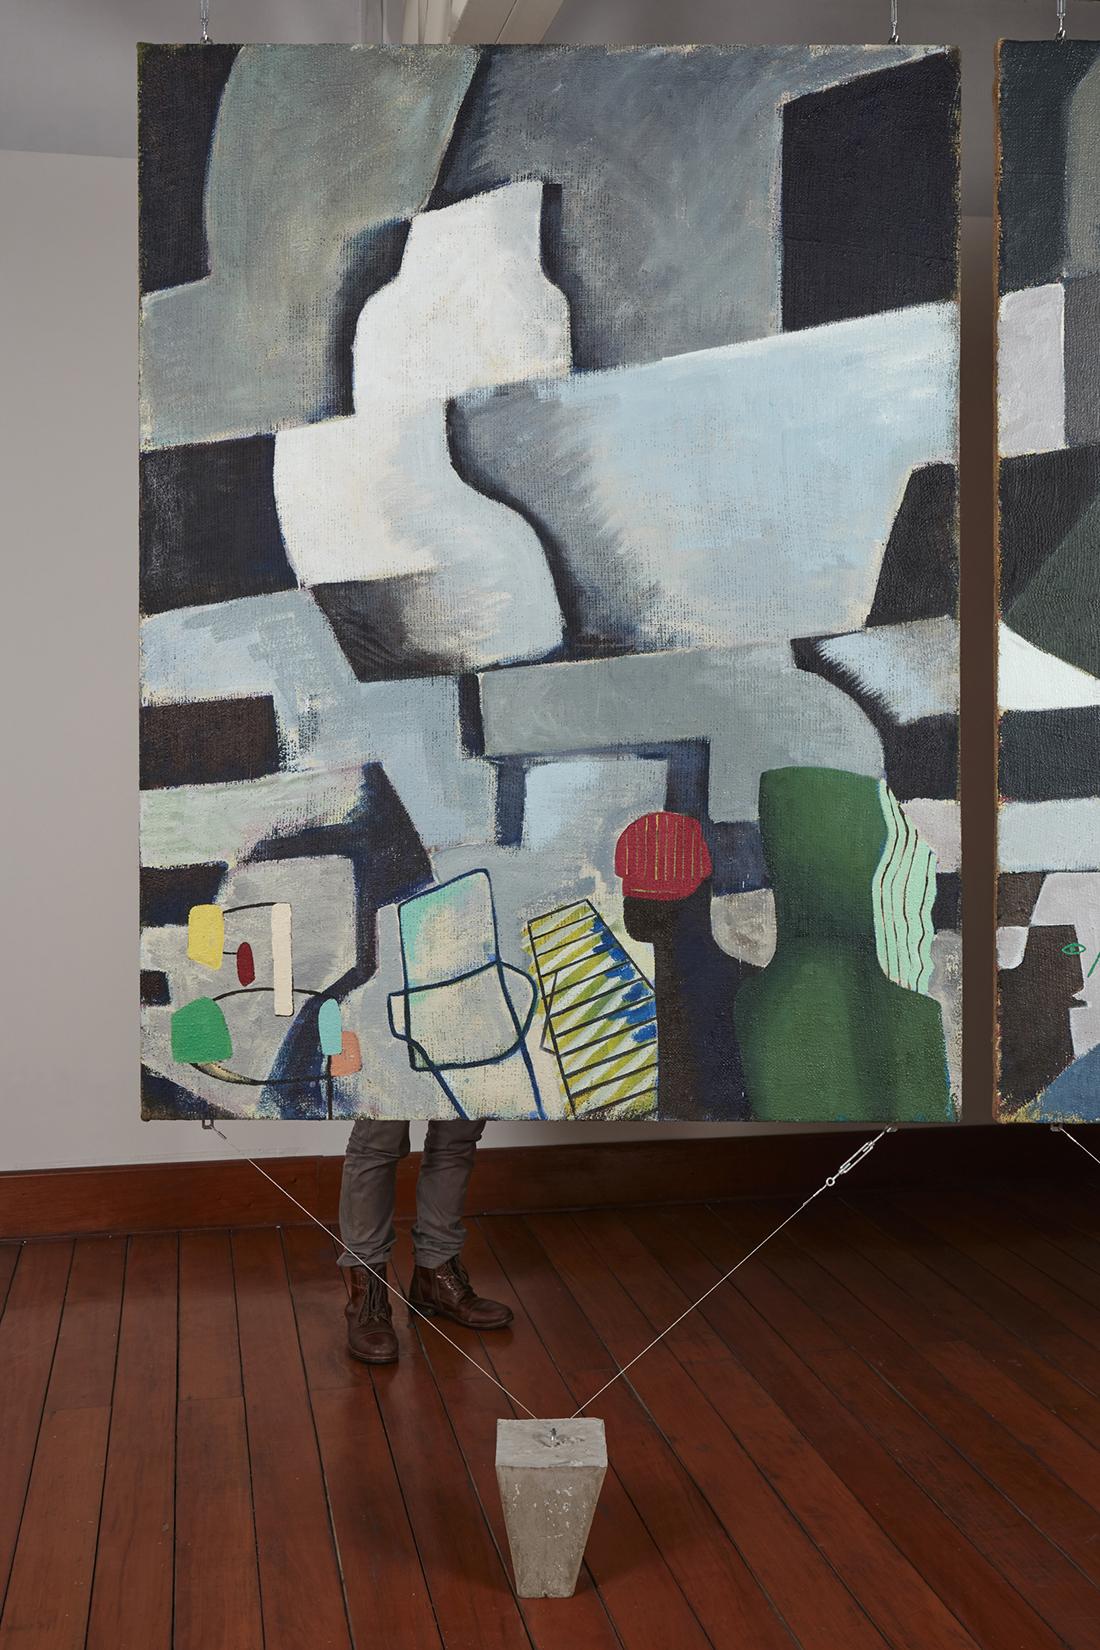 Una nueva era, panel O38k  , 2018, óleo sobre yute, 183 x 140 cm.